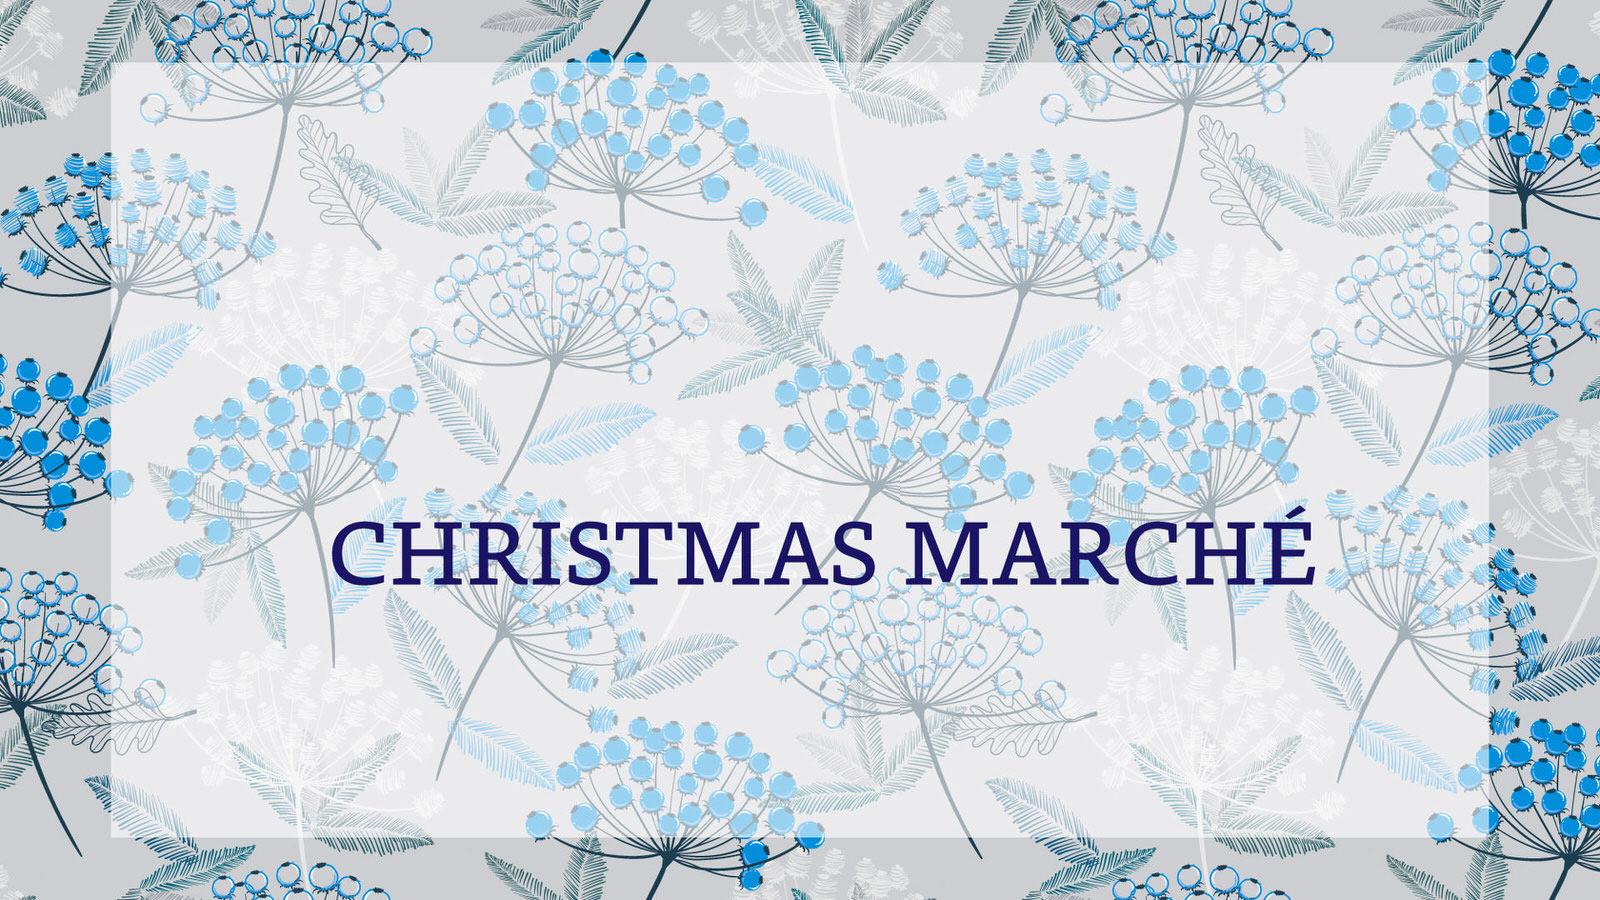 ハンドメイド・クリスマスマルシェ 中の家旗店